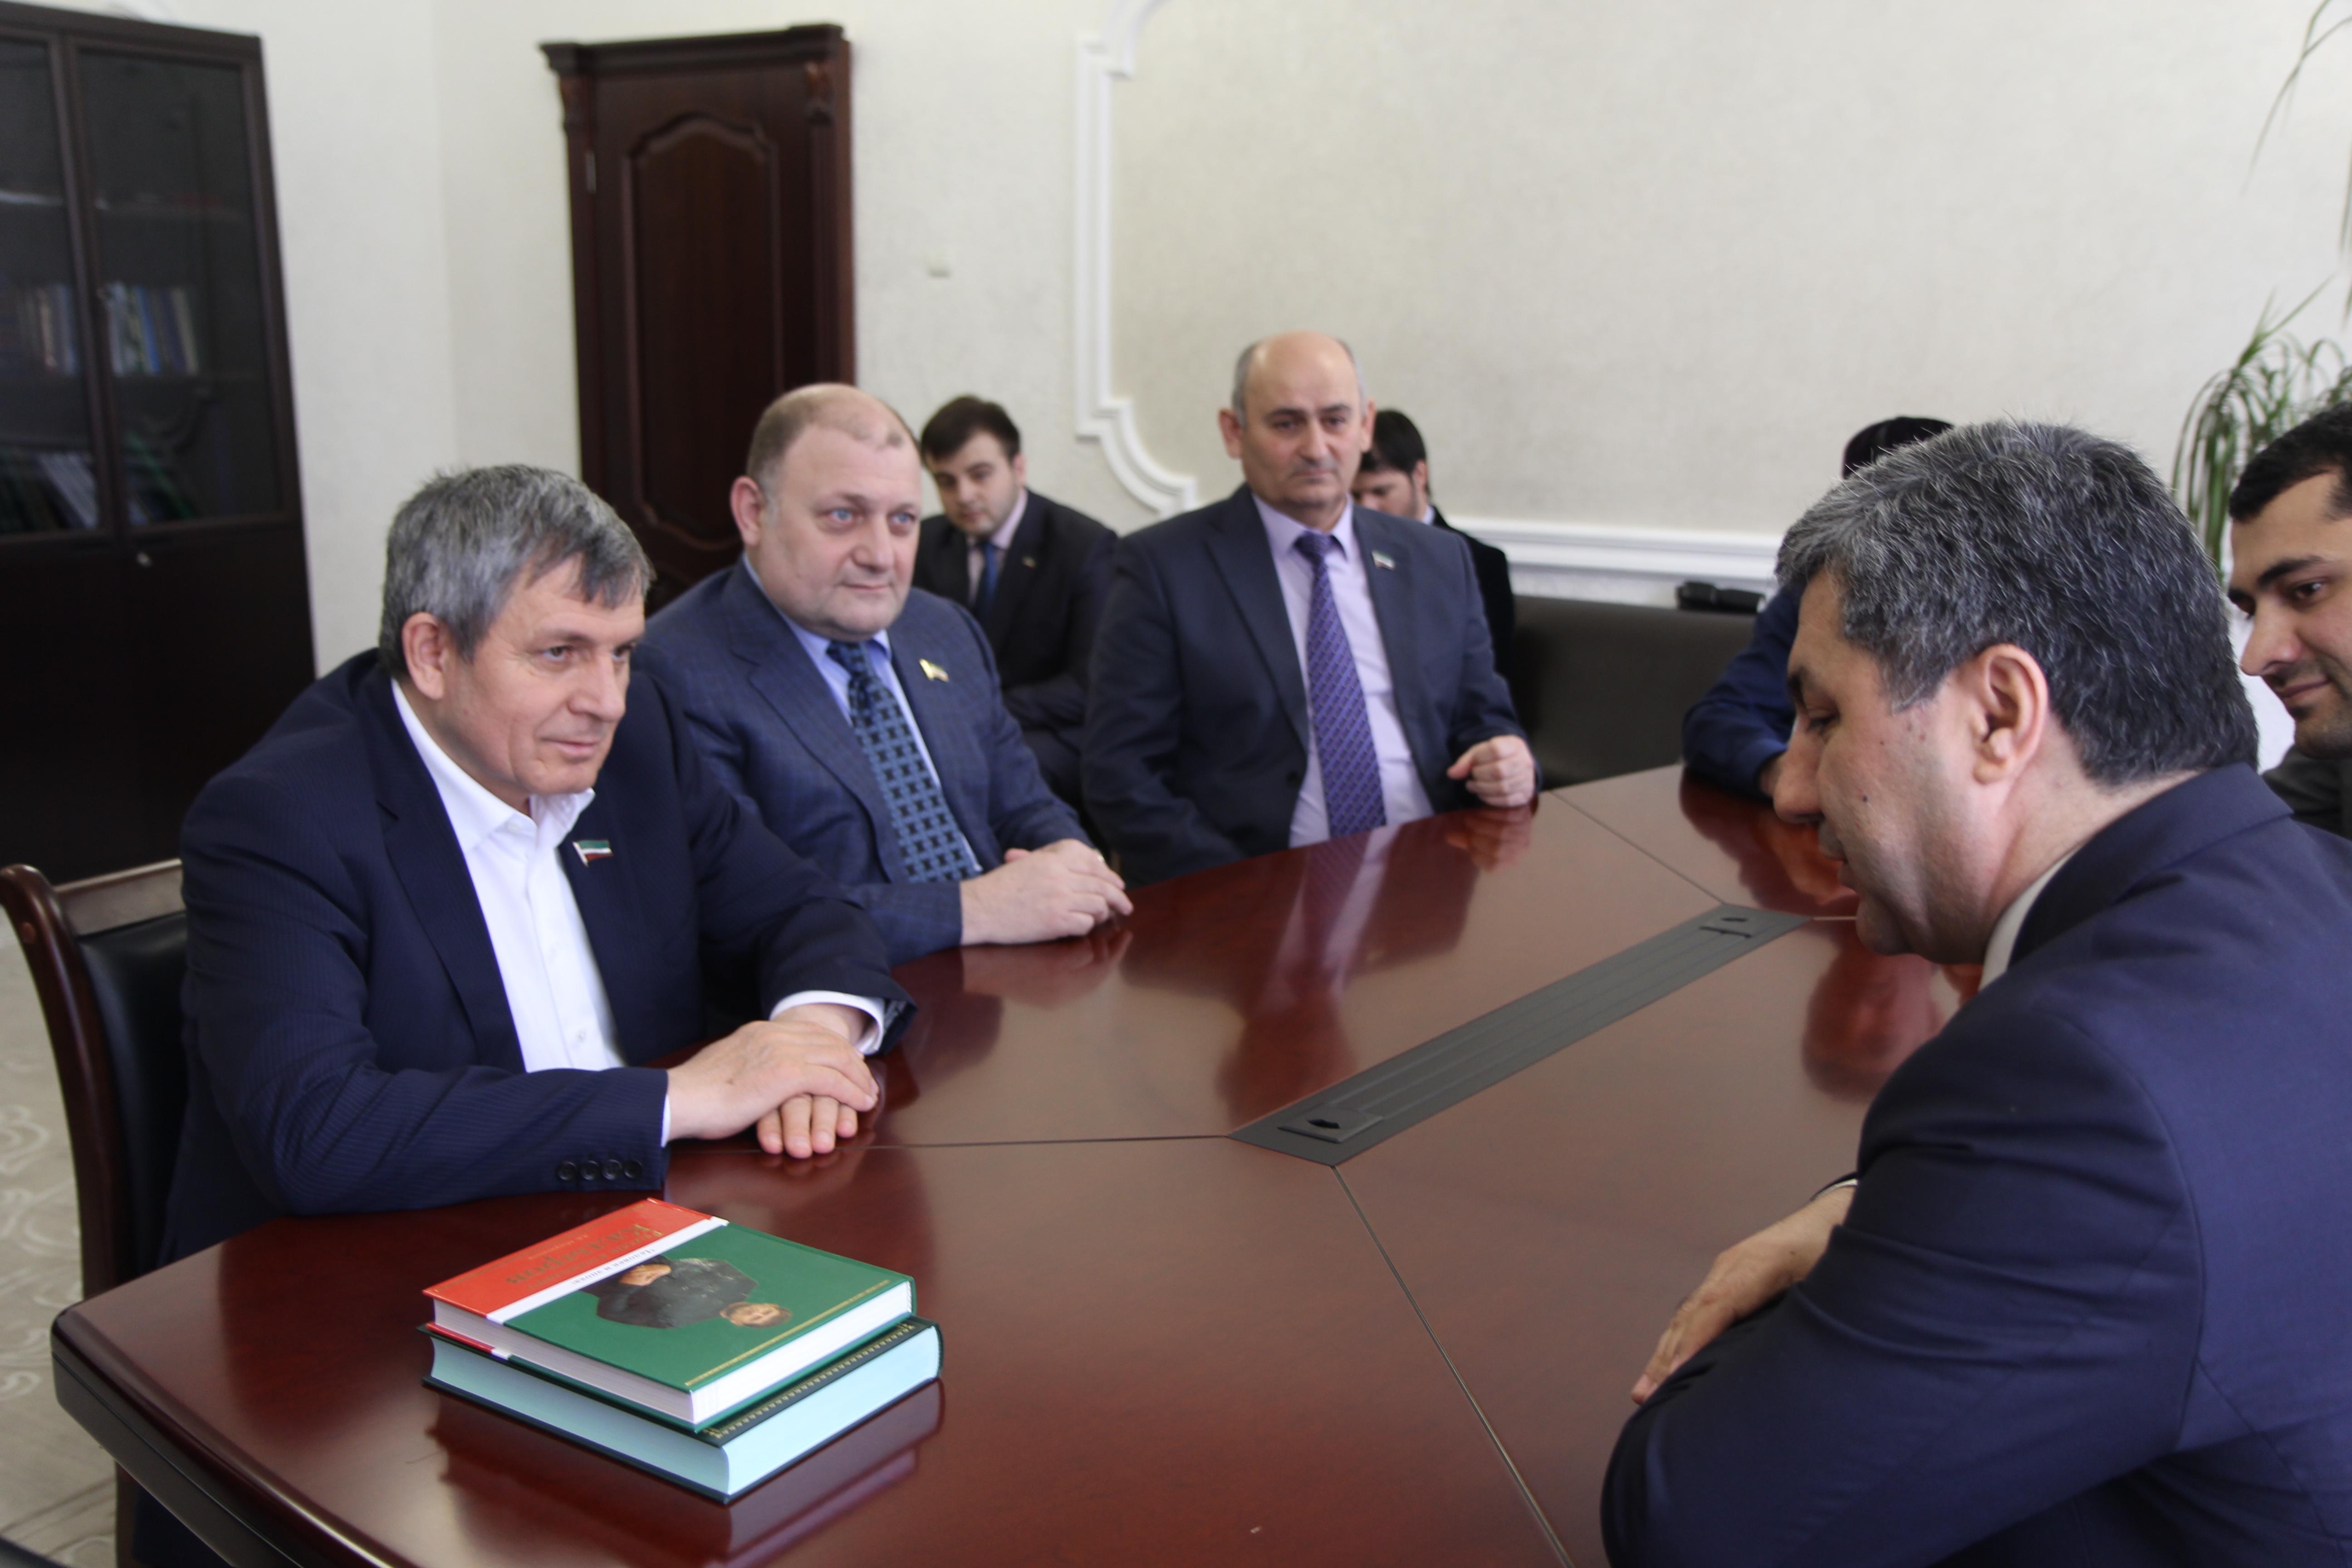 Встреча лидера ПИВТ с главой парламент Чечни Дуквахой Абдурахмановым